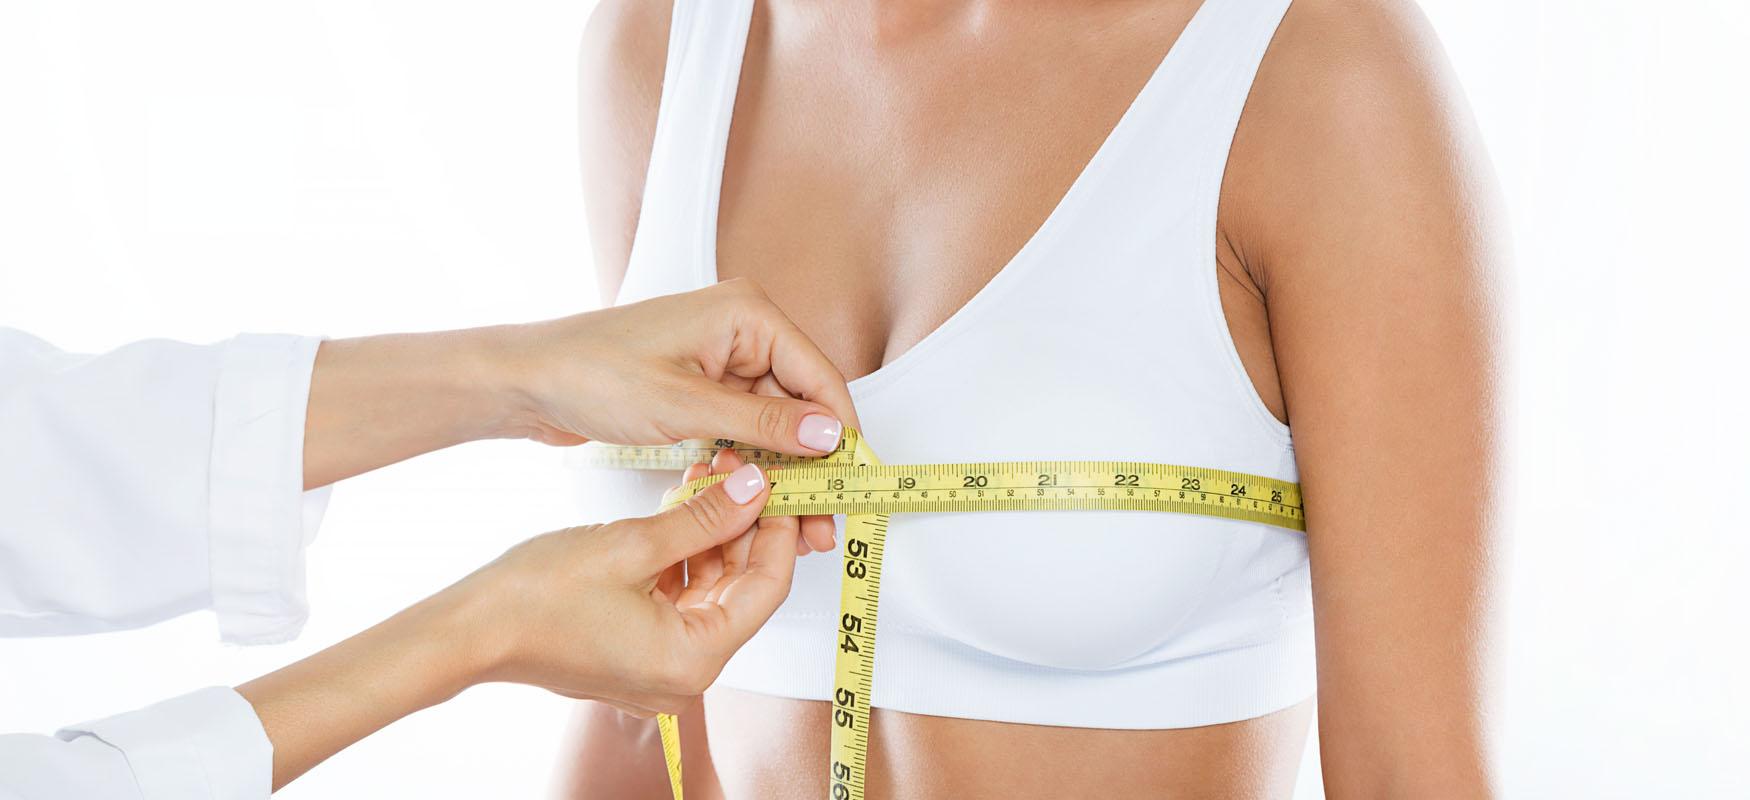 Mammoplastyka – kiedy przeprowadzić zabieg